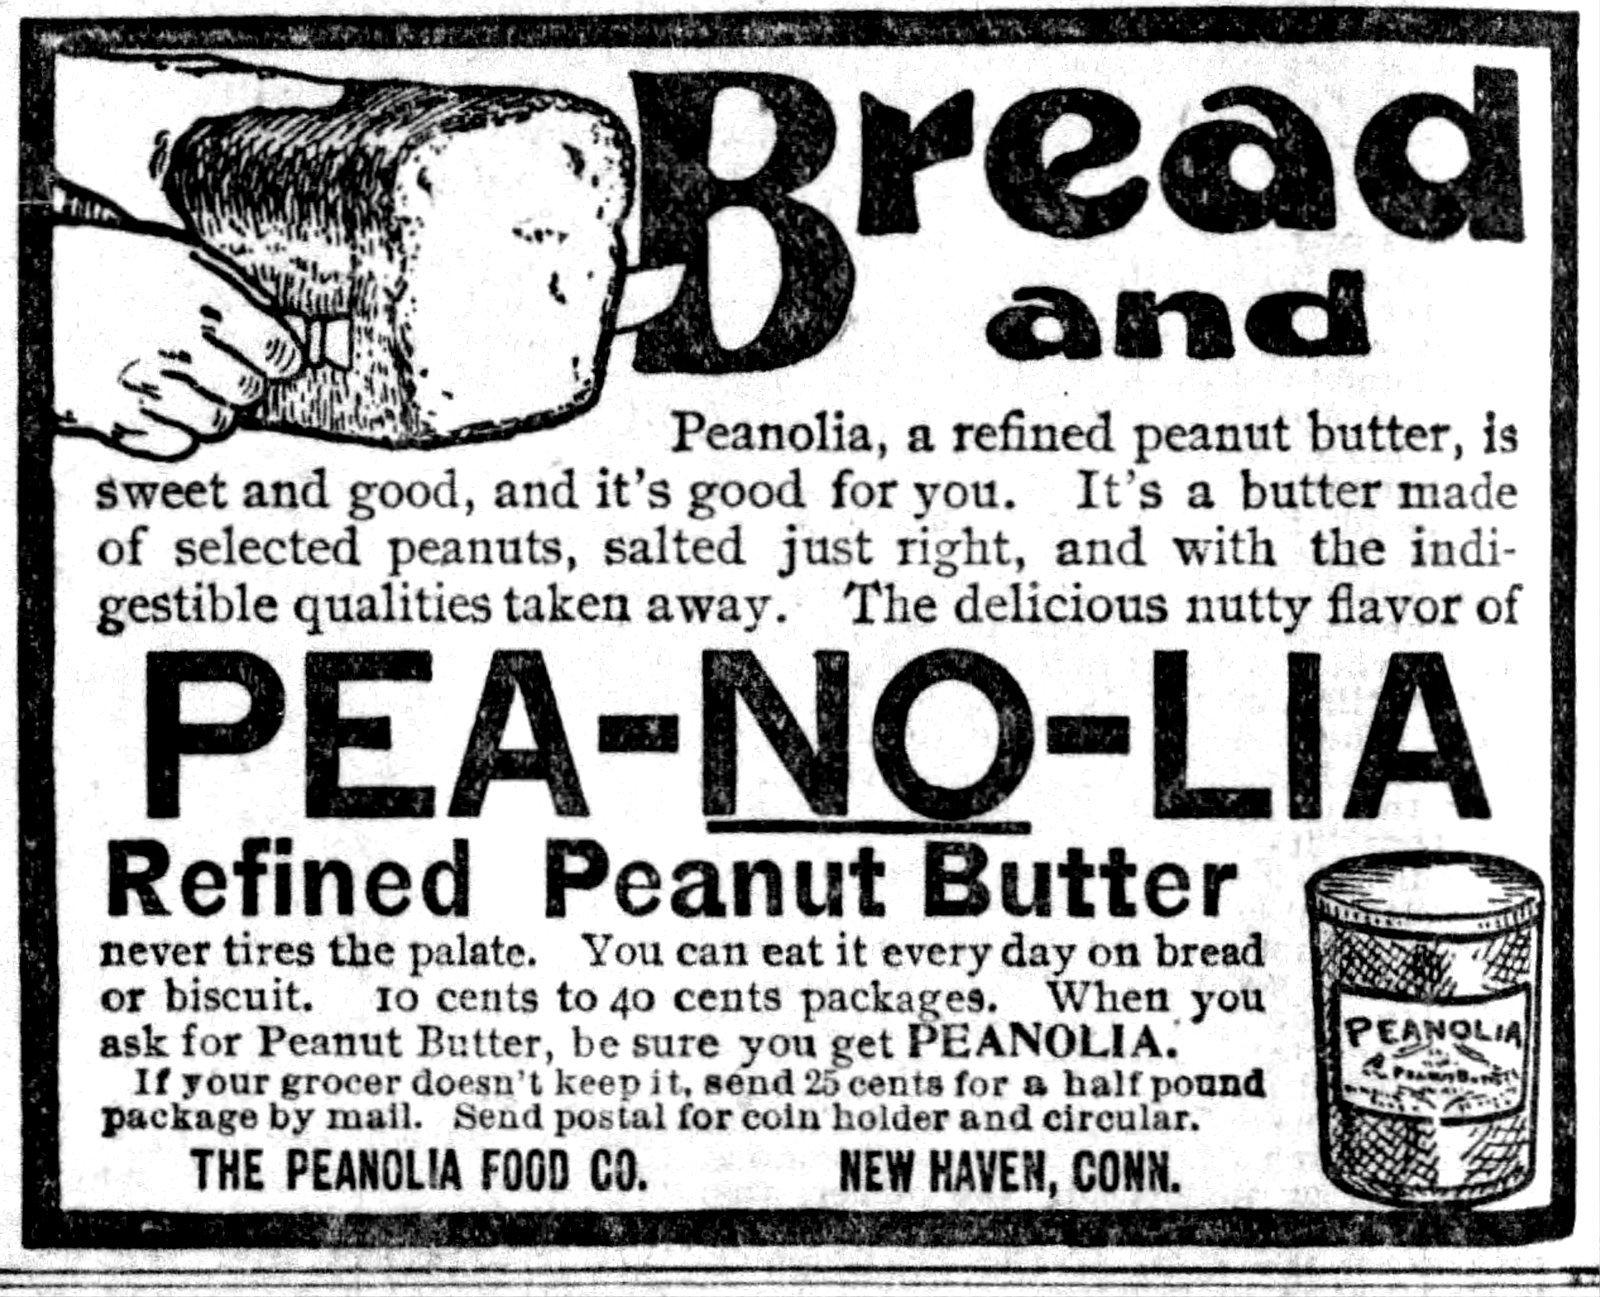 Antique Peanolia peanut butter ad - Hartford Courant (Connecticut) December 12, 1899